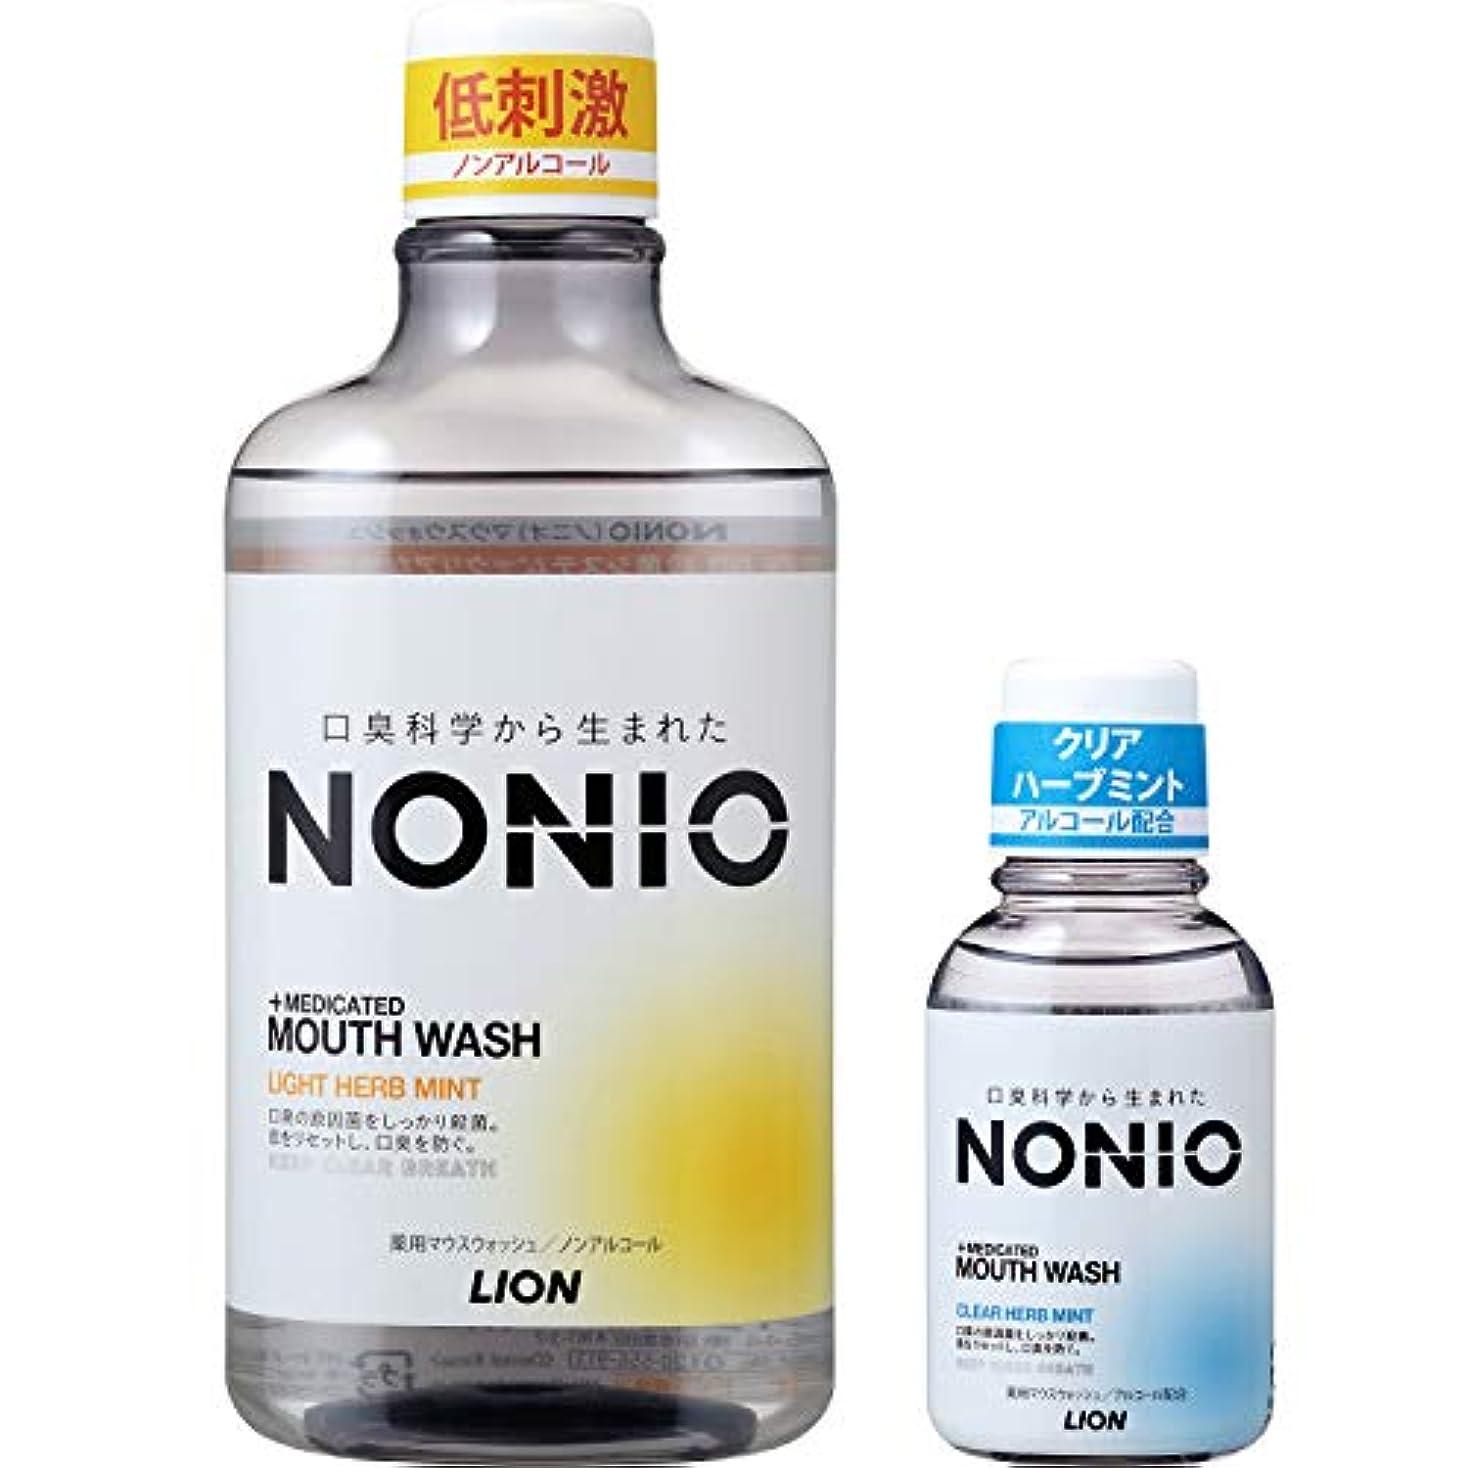 いっぱい珍しいこの[医薬部外品]NONIO マウスウォッシュ ノンアルコール ライトハーブミント 600ml 洗口液+ミニリンス80ml